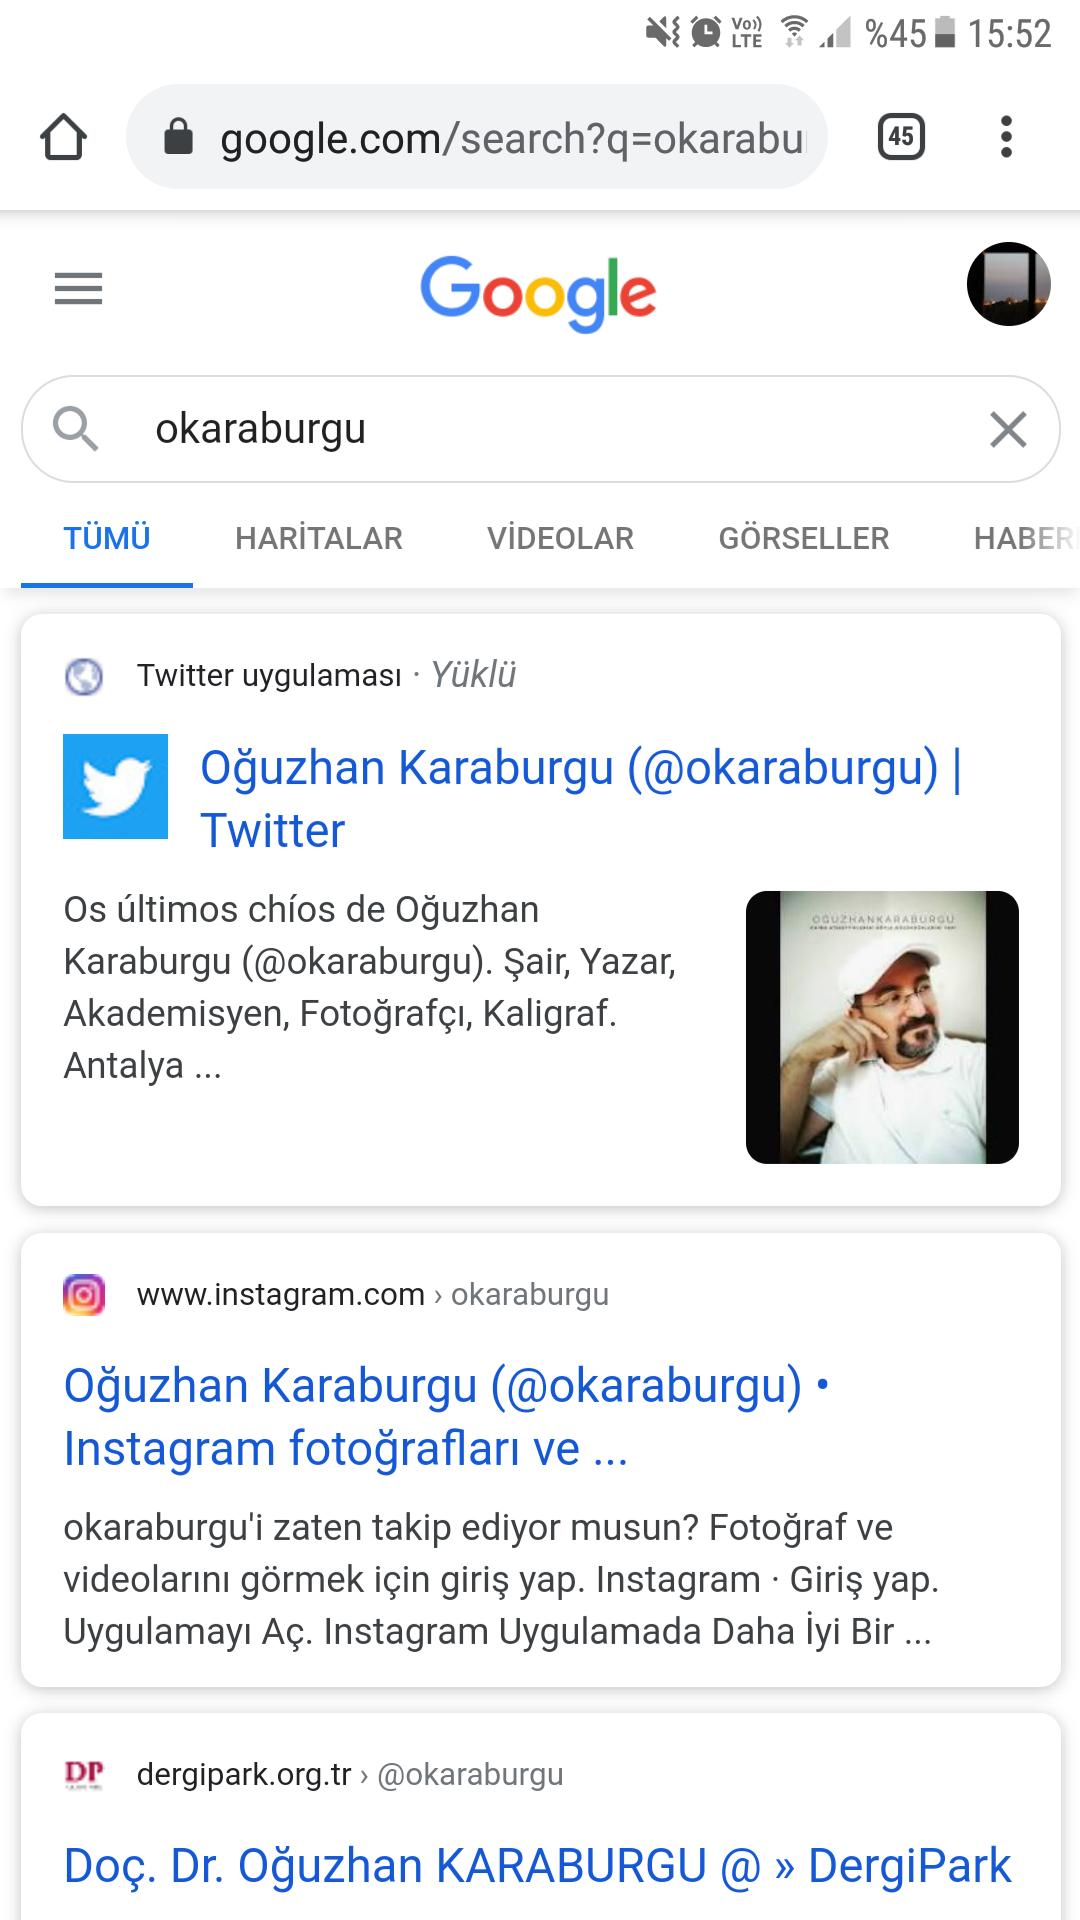 Oğuzhan Karaburgu Twitter